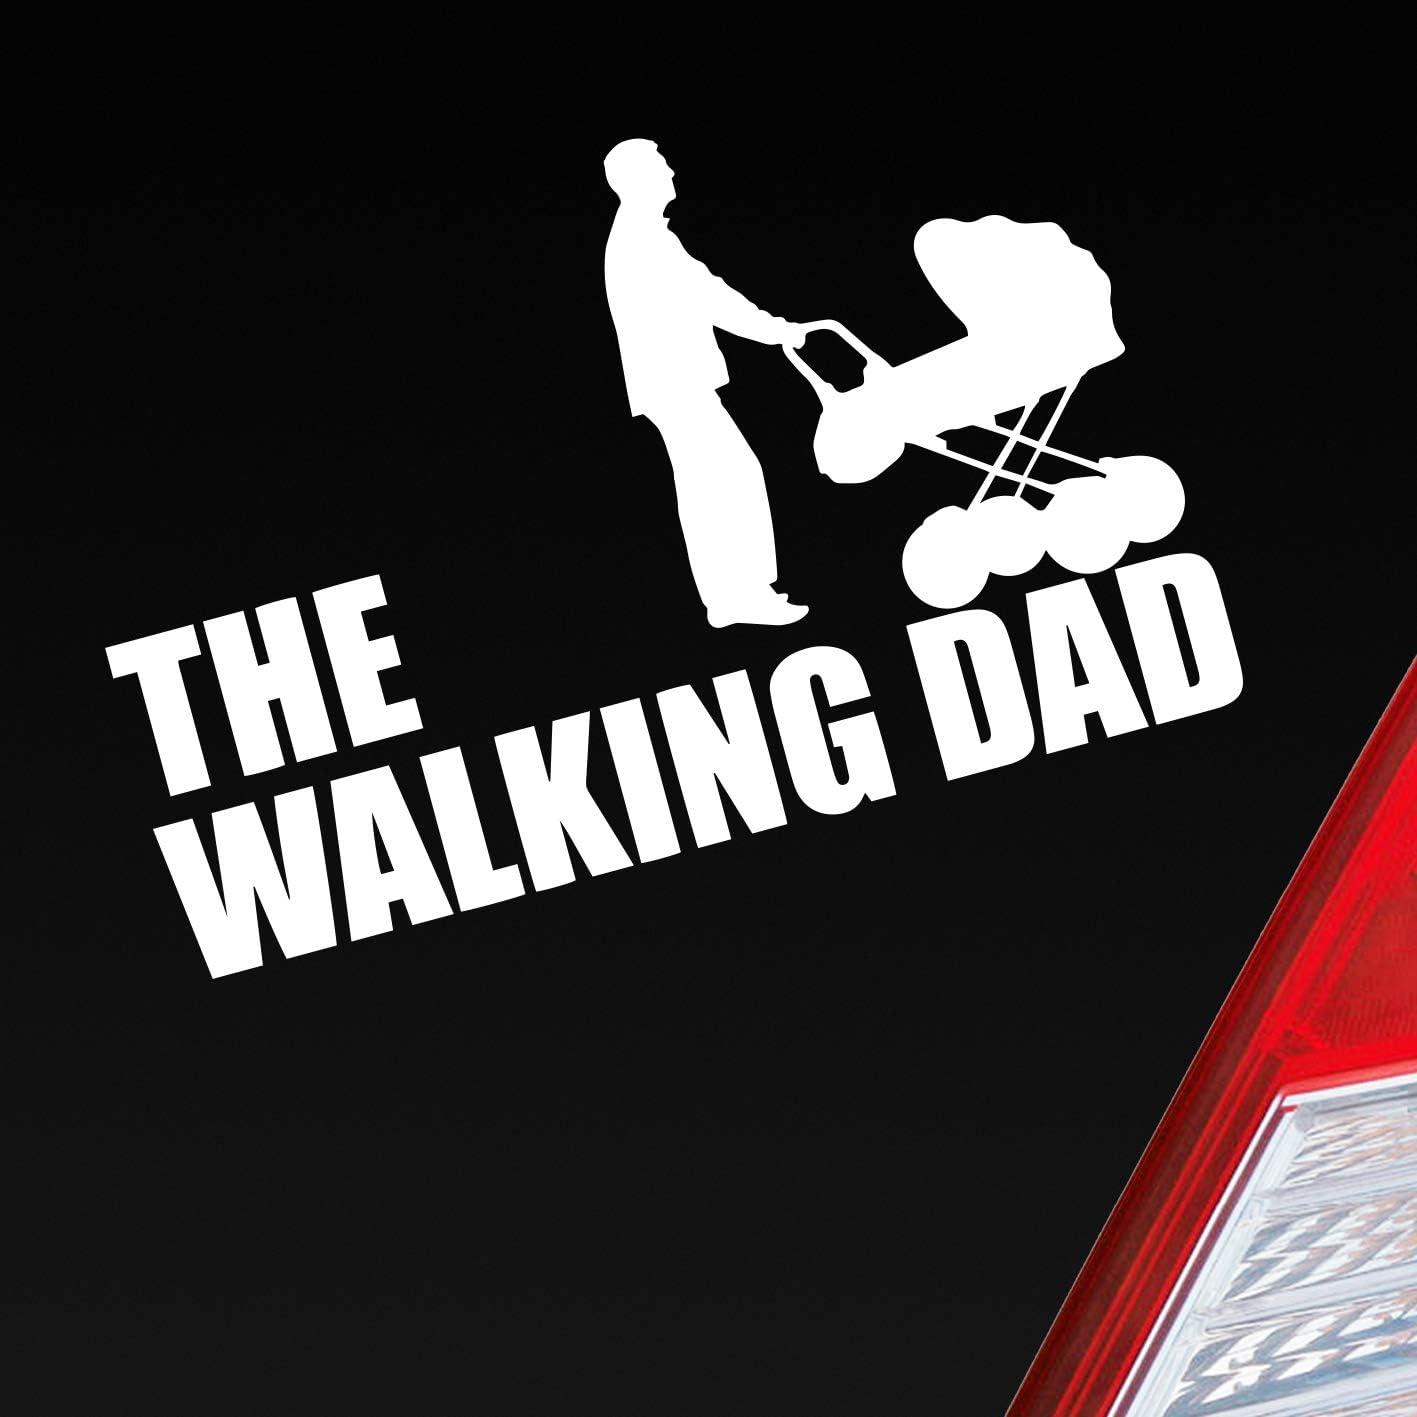 Auto Aufkleber In Deiner Wunschfarbe The Walking Dad Zombie Sticker Daddy Dead Rick Glenn 15x10 Cm Autoaufkleber Sticker Auto